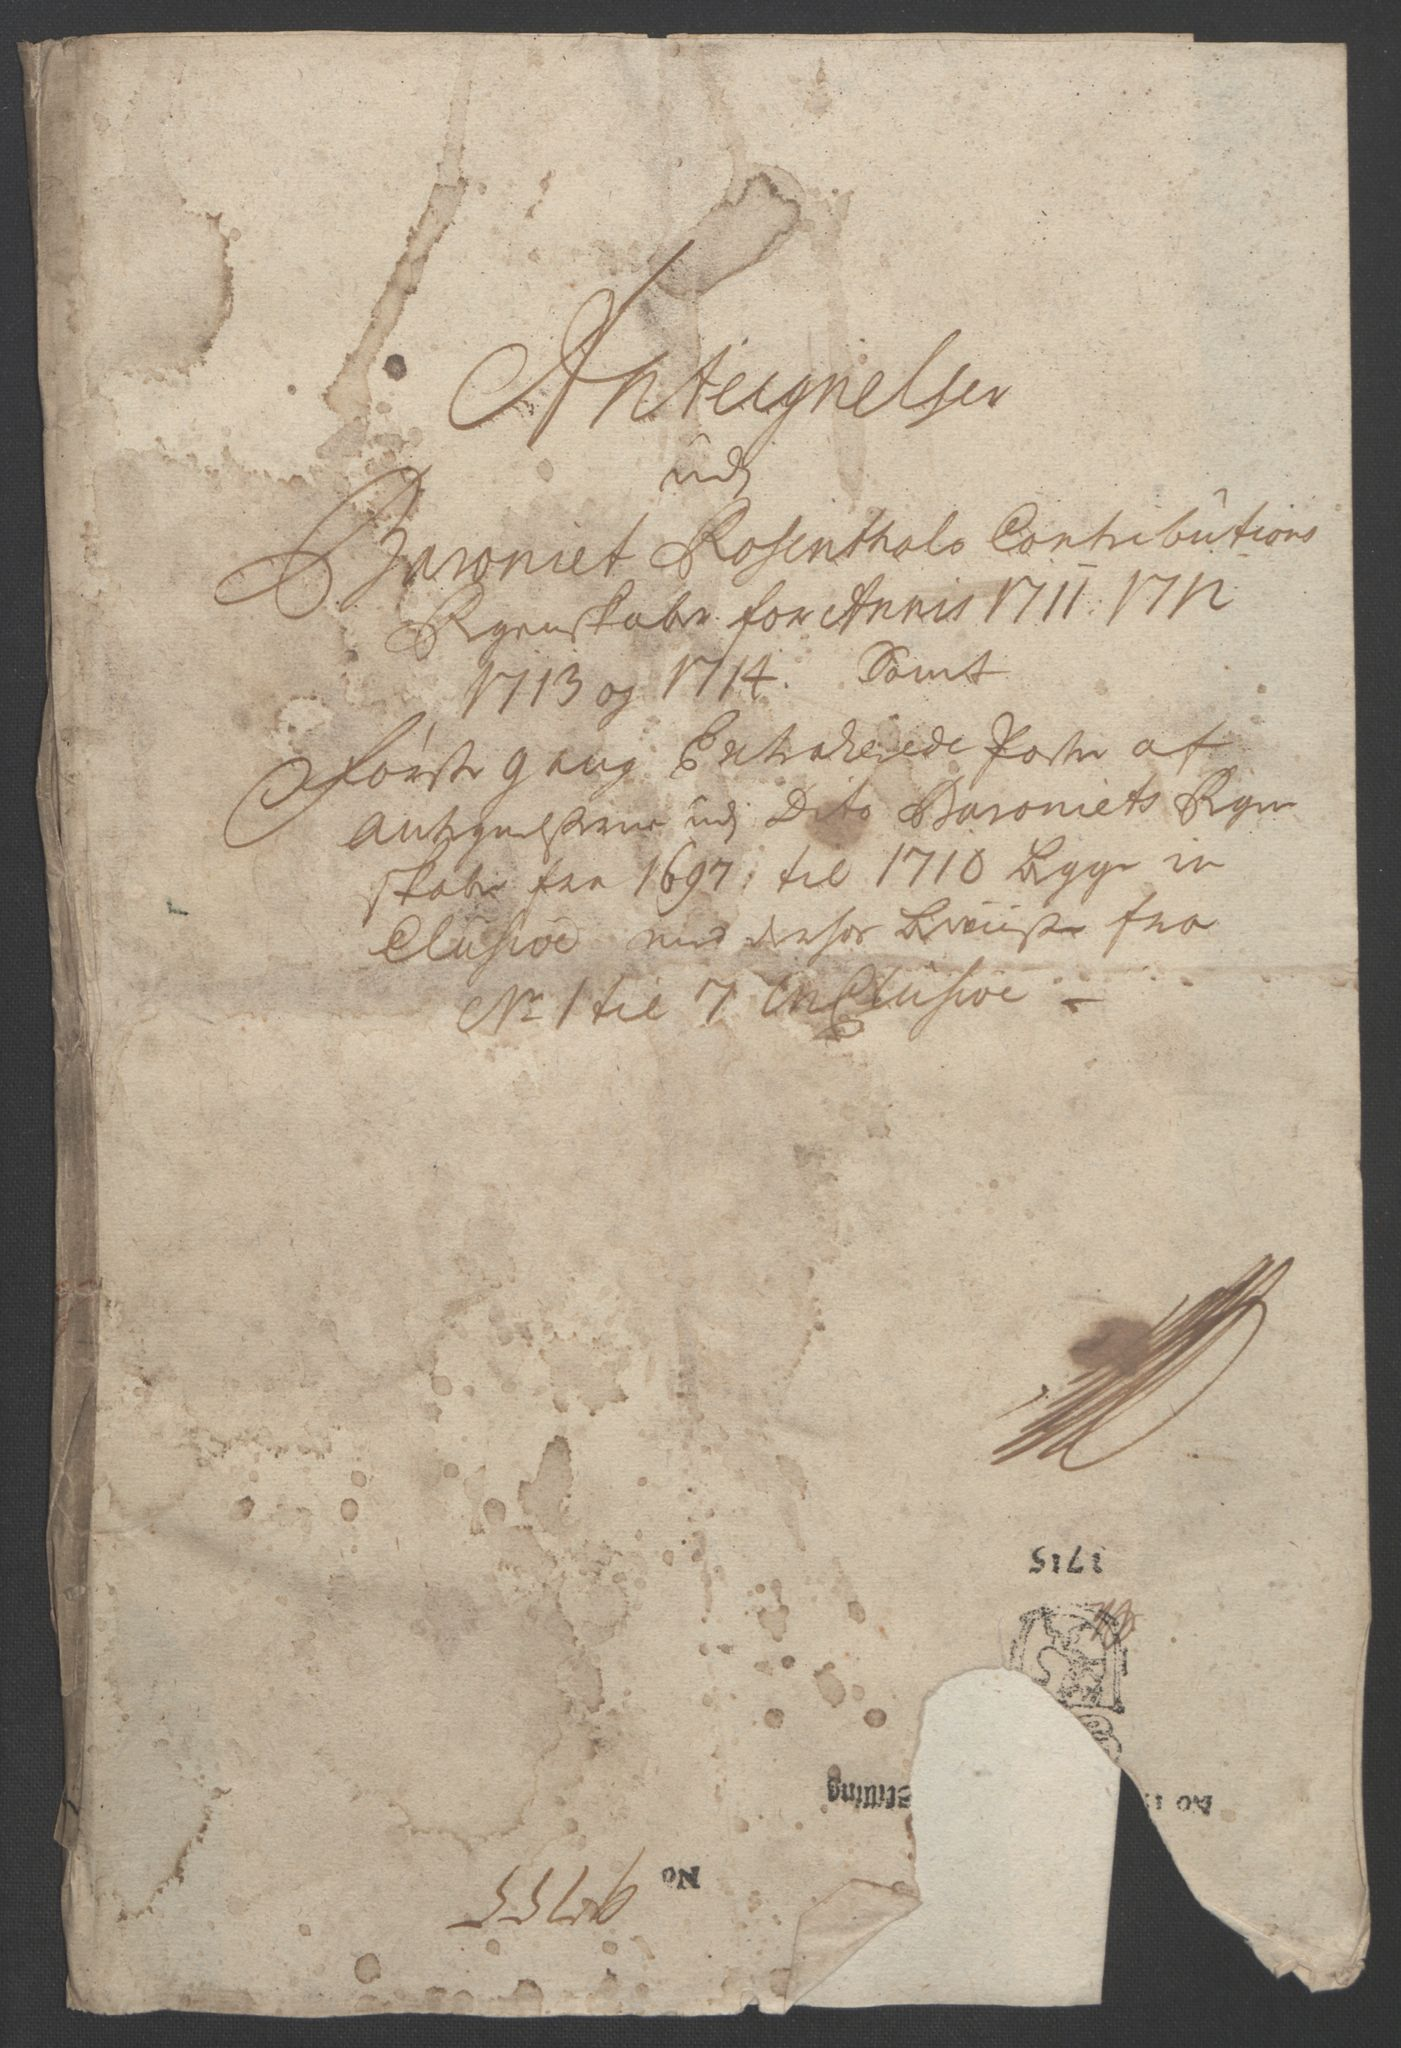 RA, Rentekammeret inntil 1814, Reviderte regnskaper, Fogderegnskap, R49/L3138: Fogderegnskap Rosendal Baroni, 1691-1714, s. 390